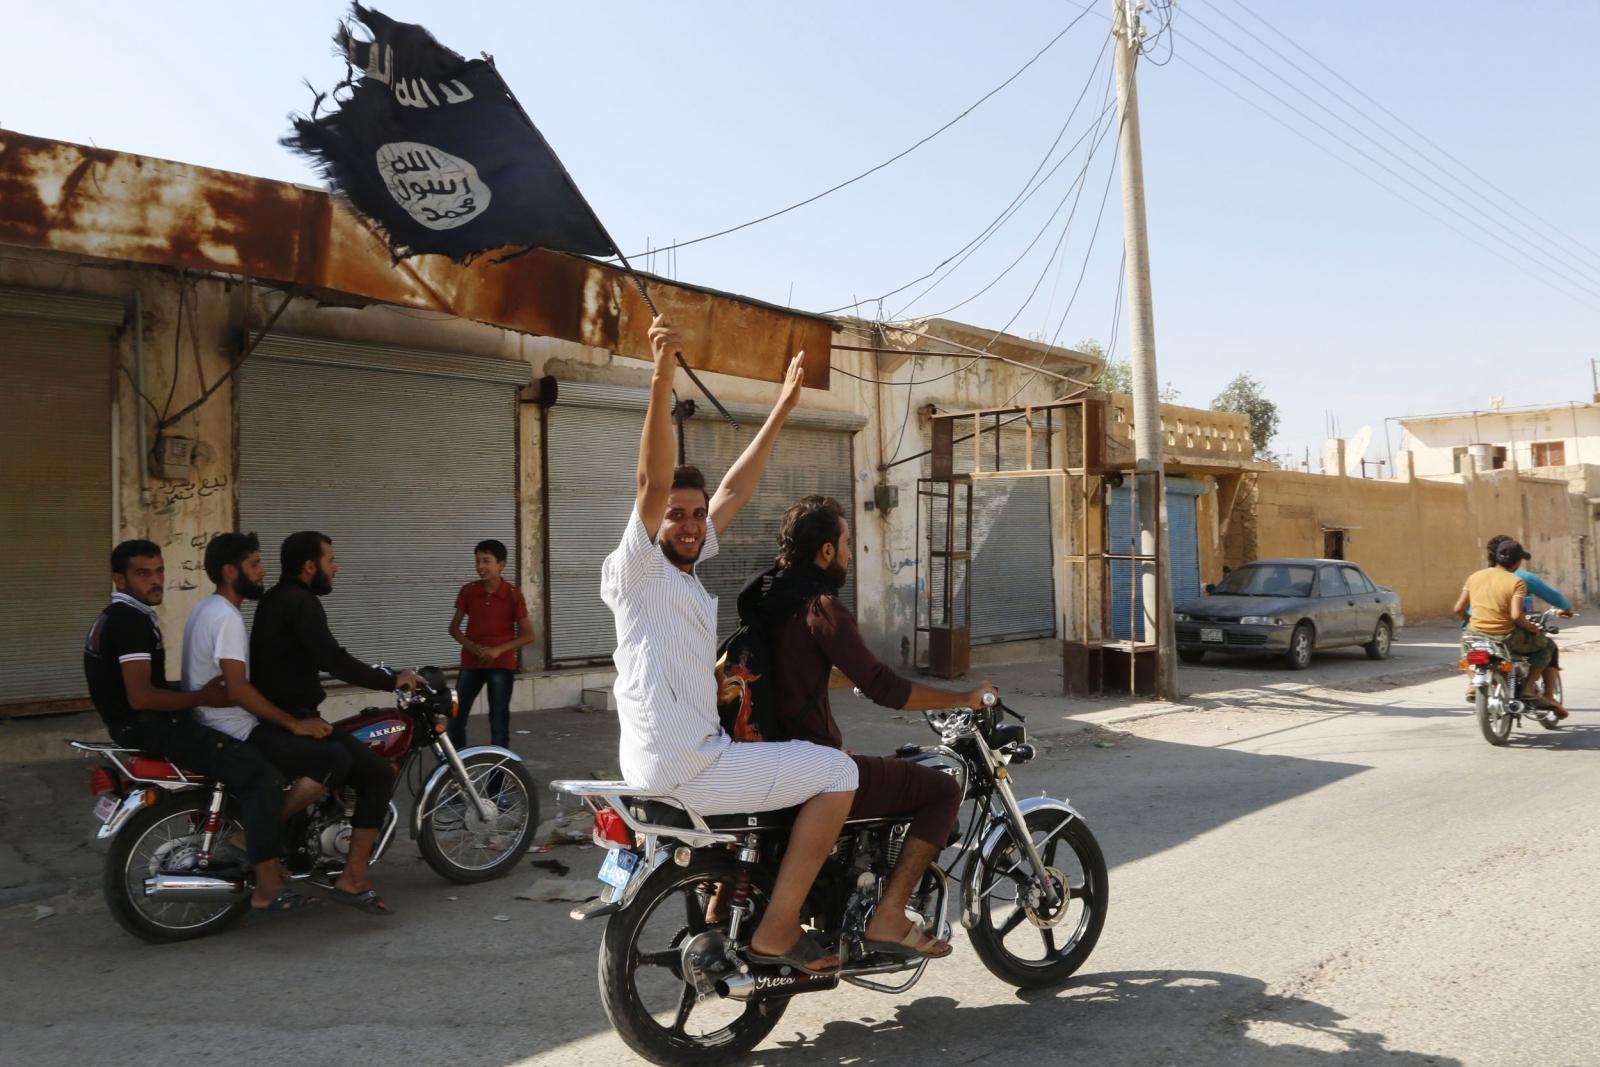 Obama approves US spy flights over Syria